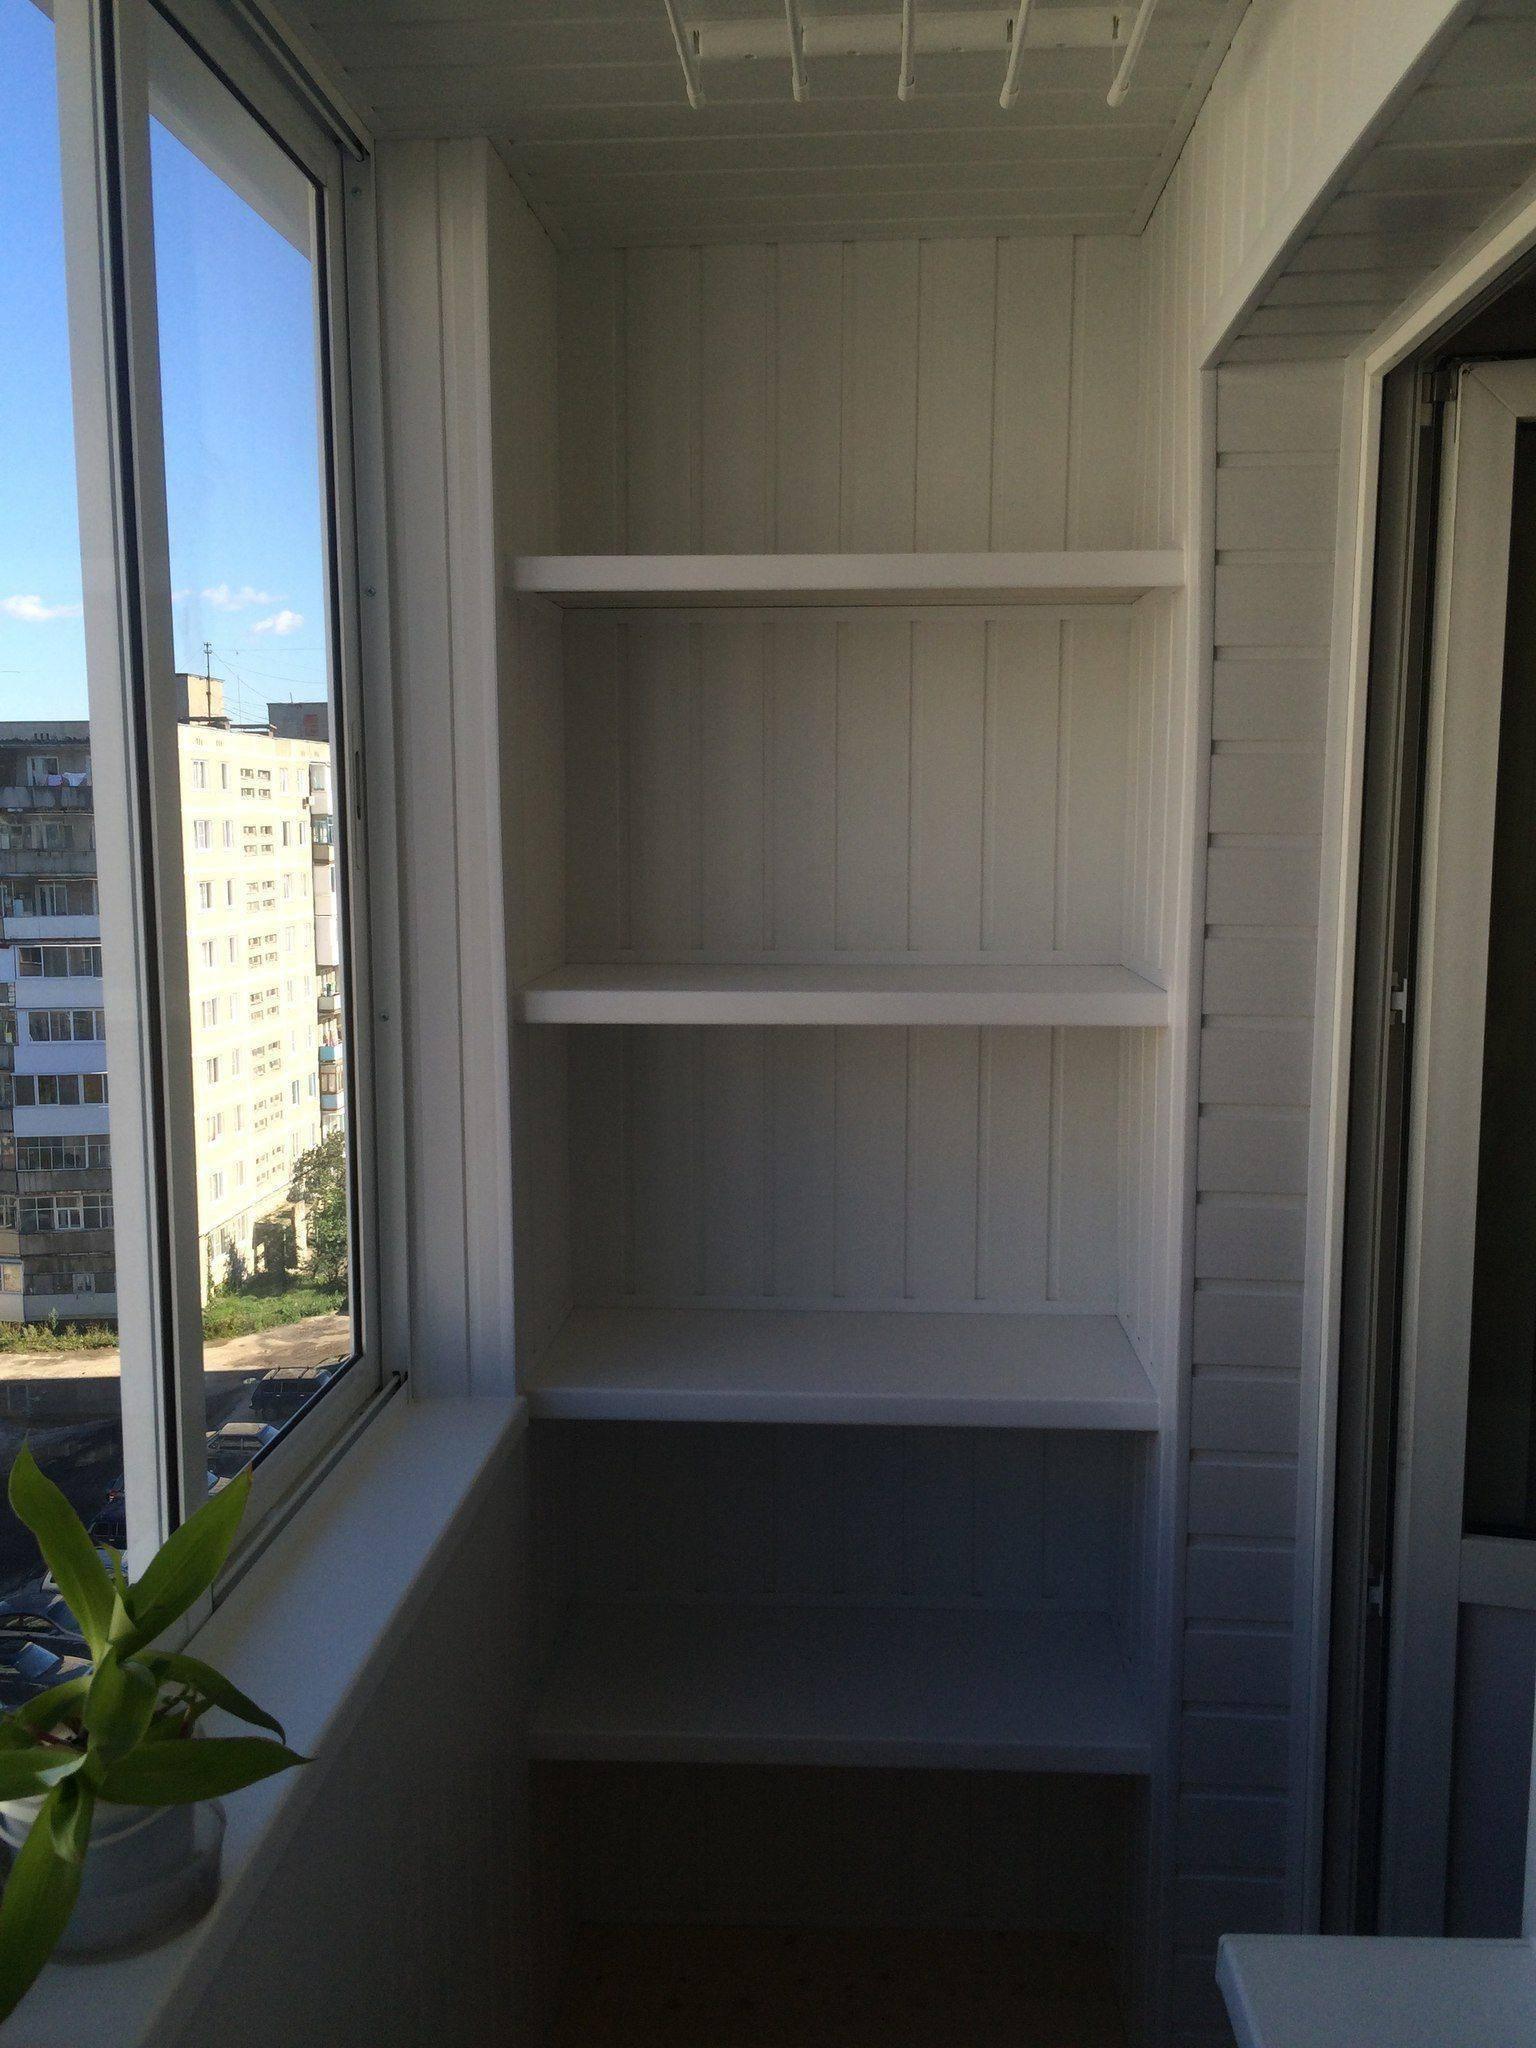 Шкаф на балконе своими руками: пошаговая инструкция, которая позволяет сделать дешево и красиво, включает изучение описания, схемы, чертежа и изготовление